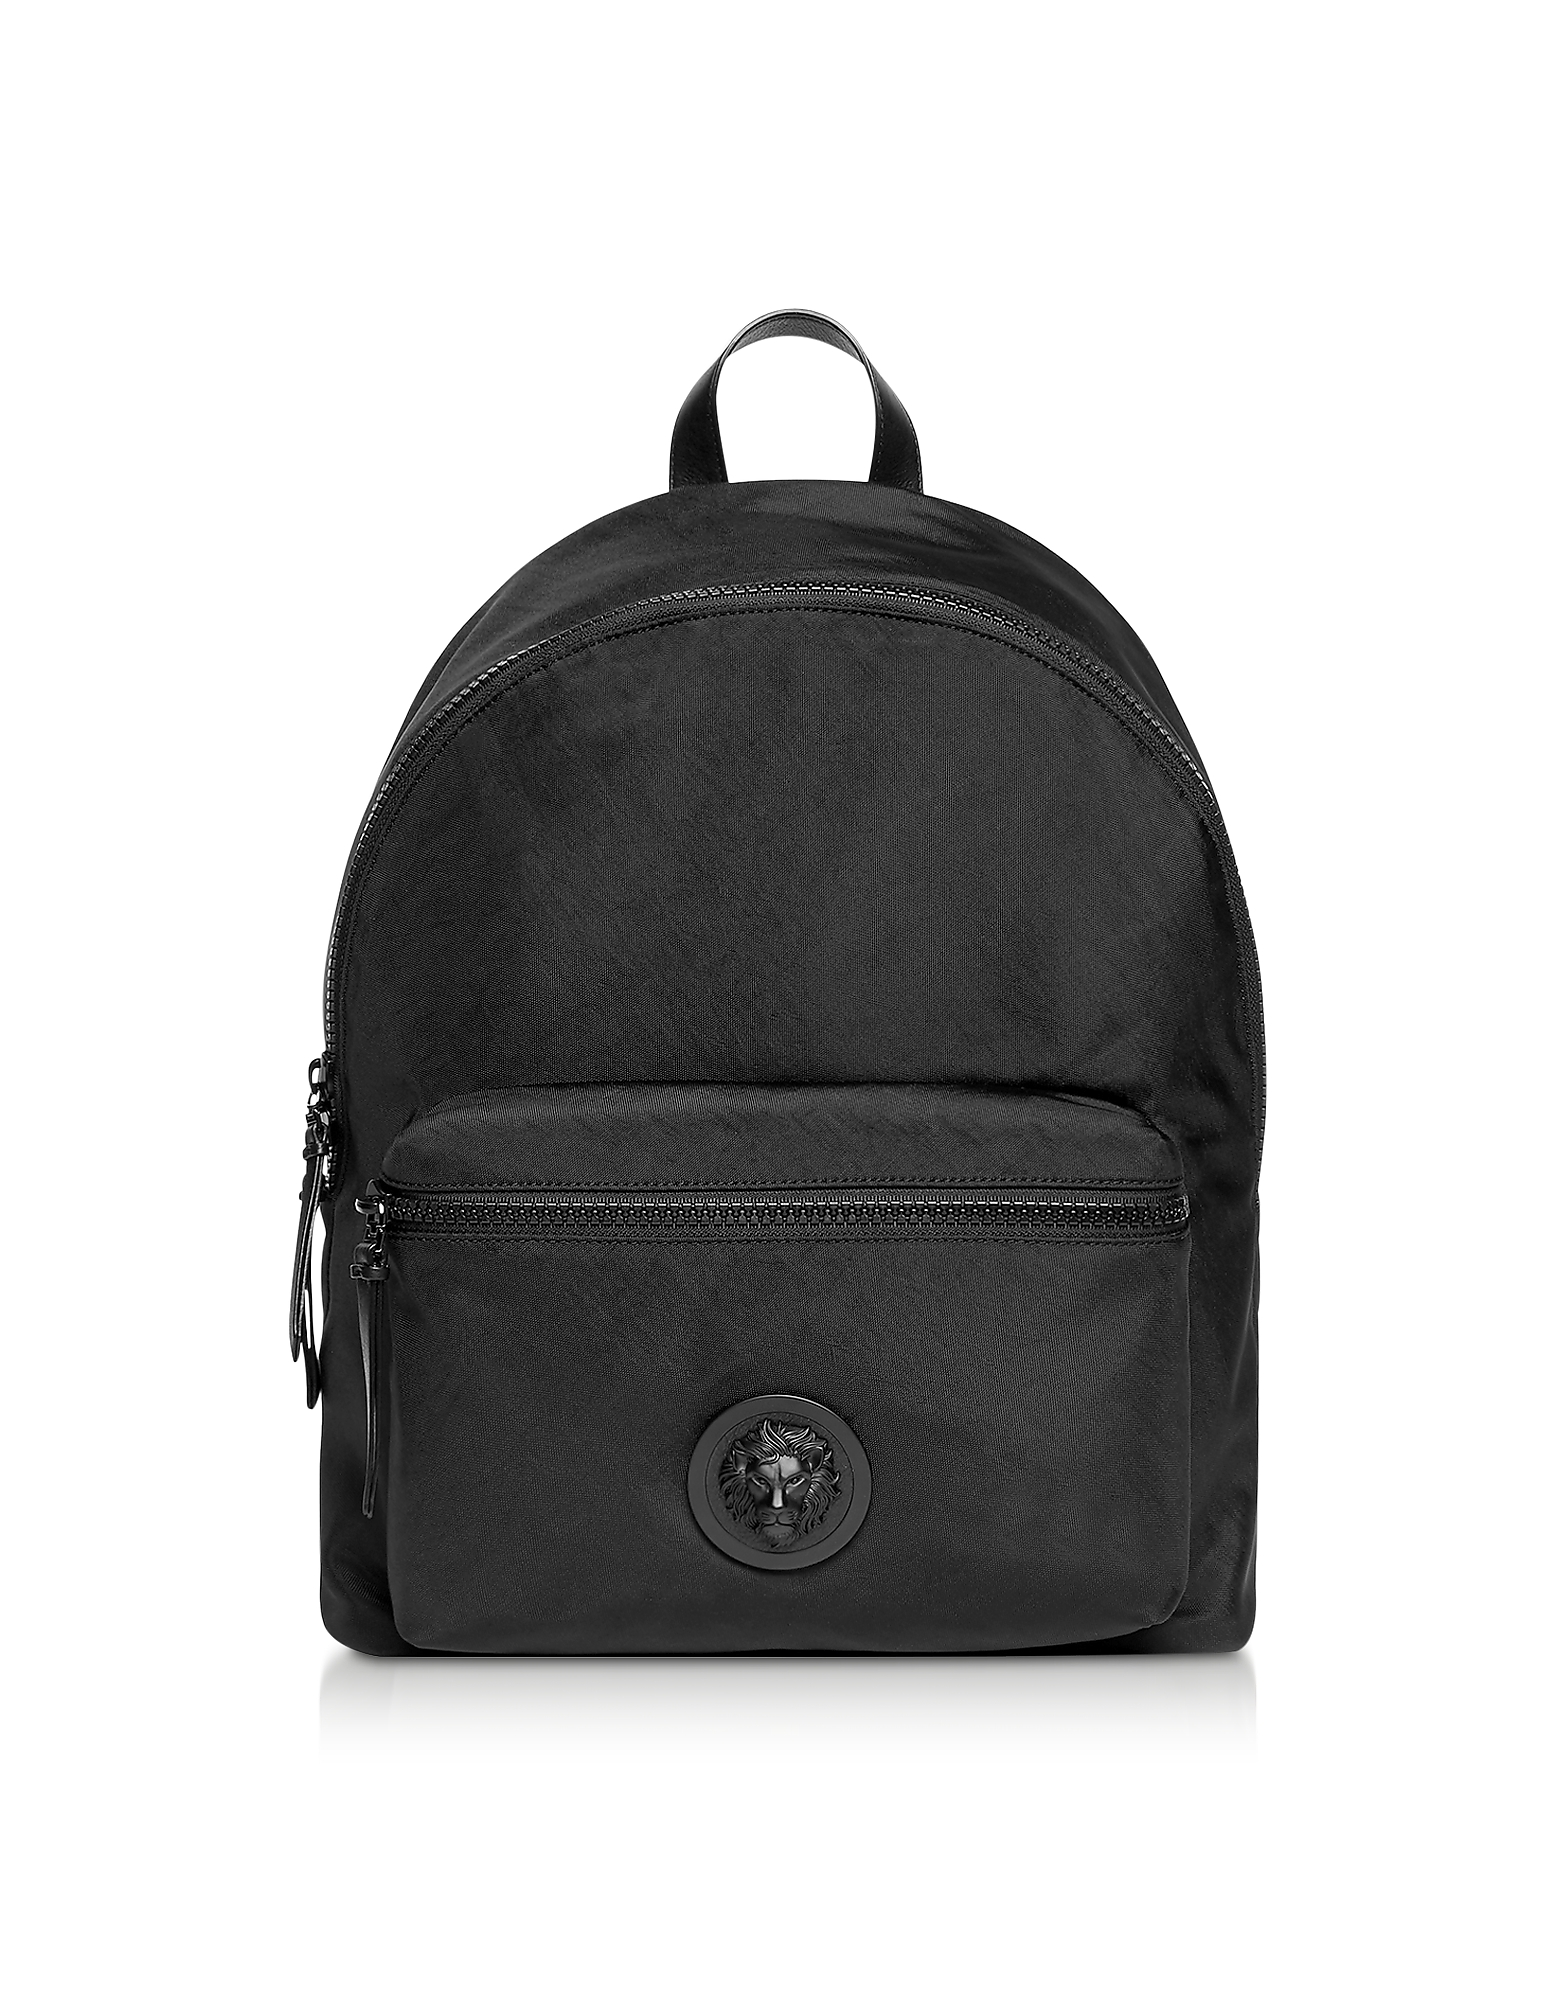 Black Washed Nylon Backpack